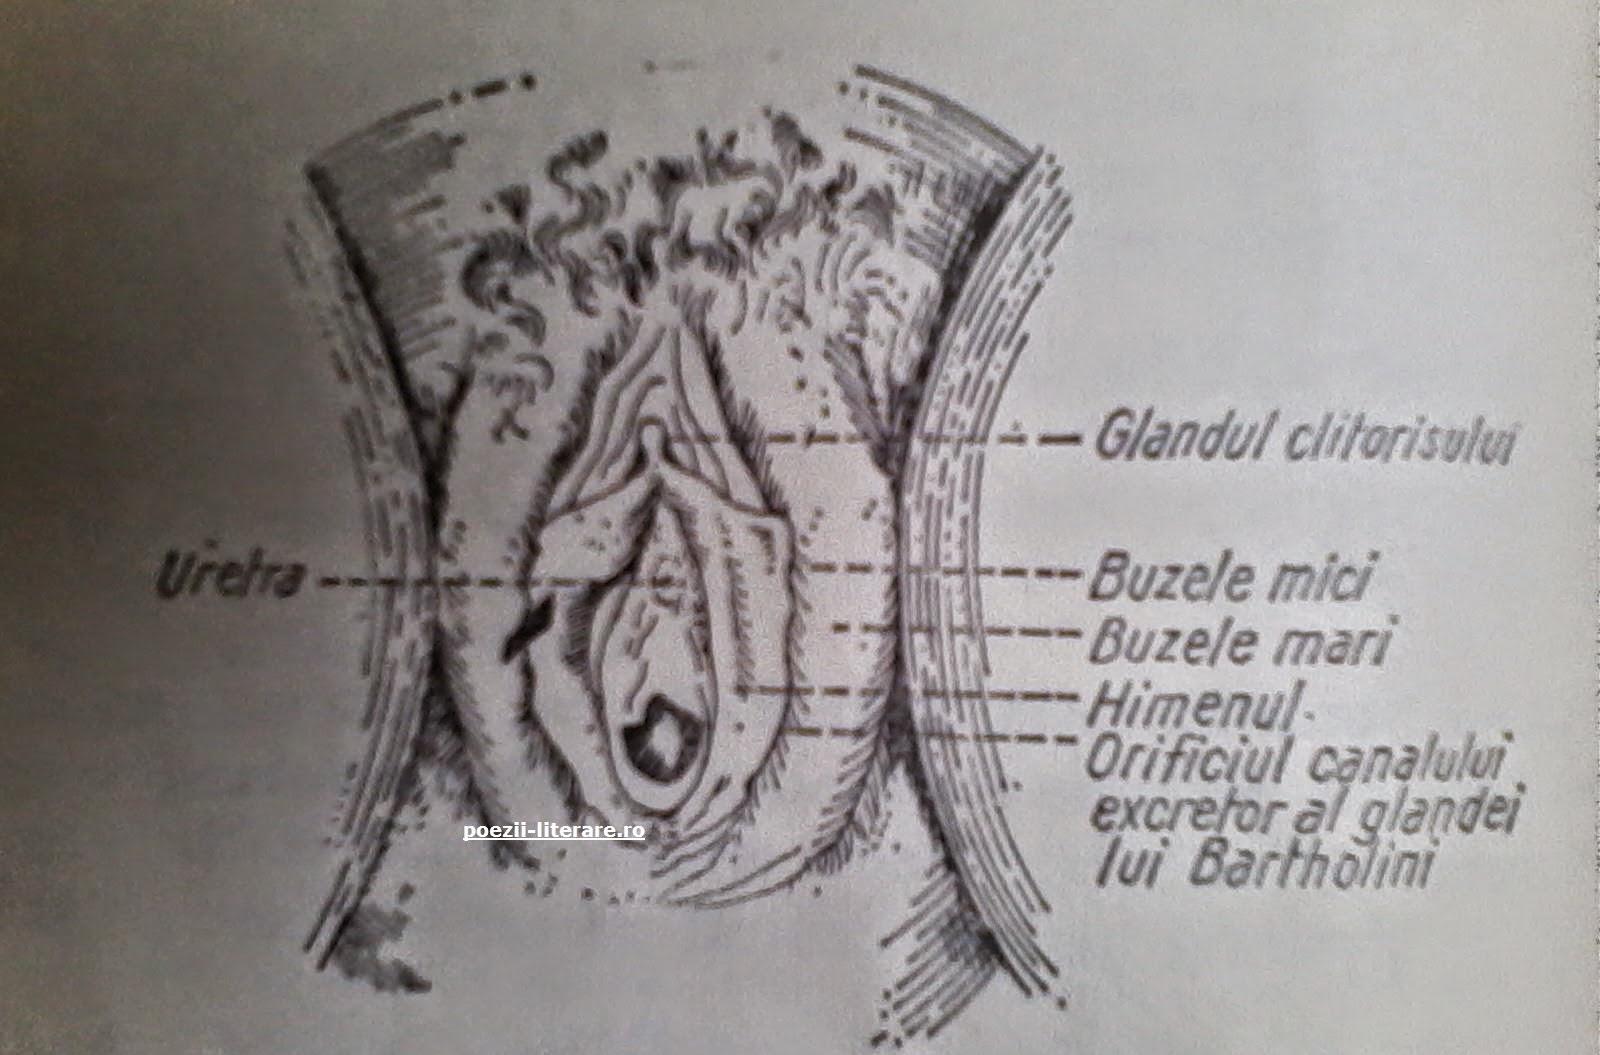 Organele sexuale feminine